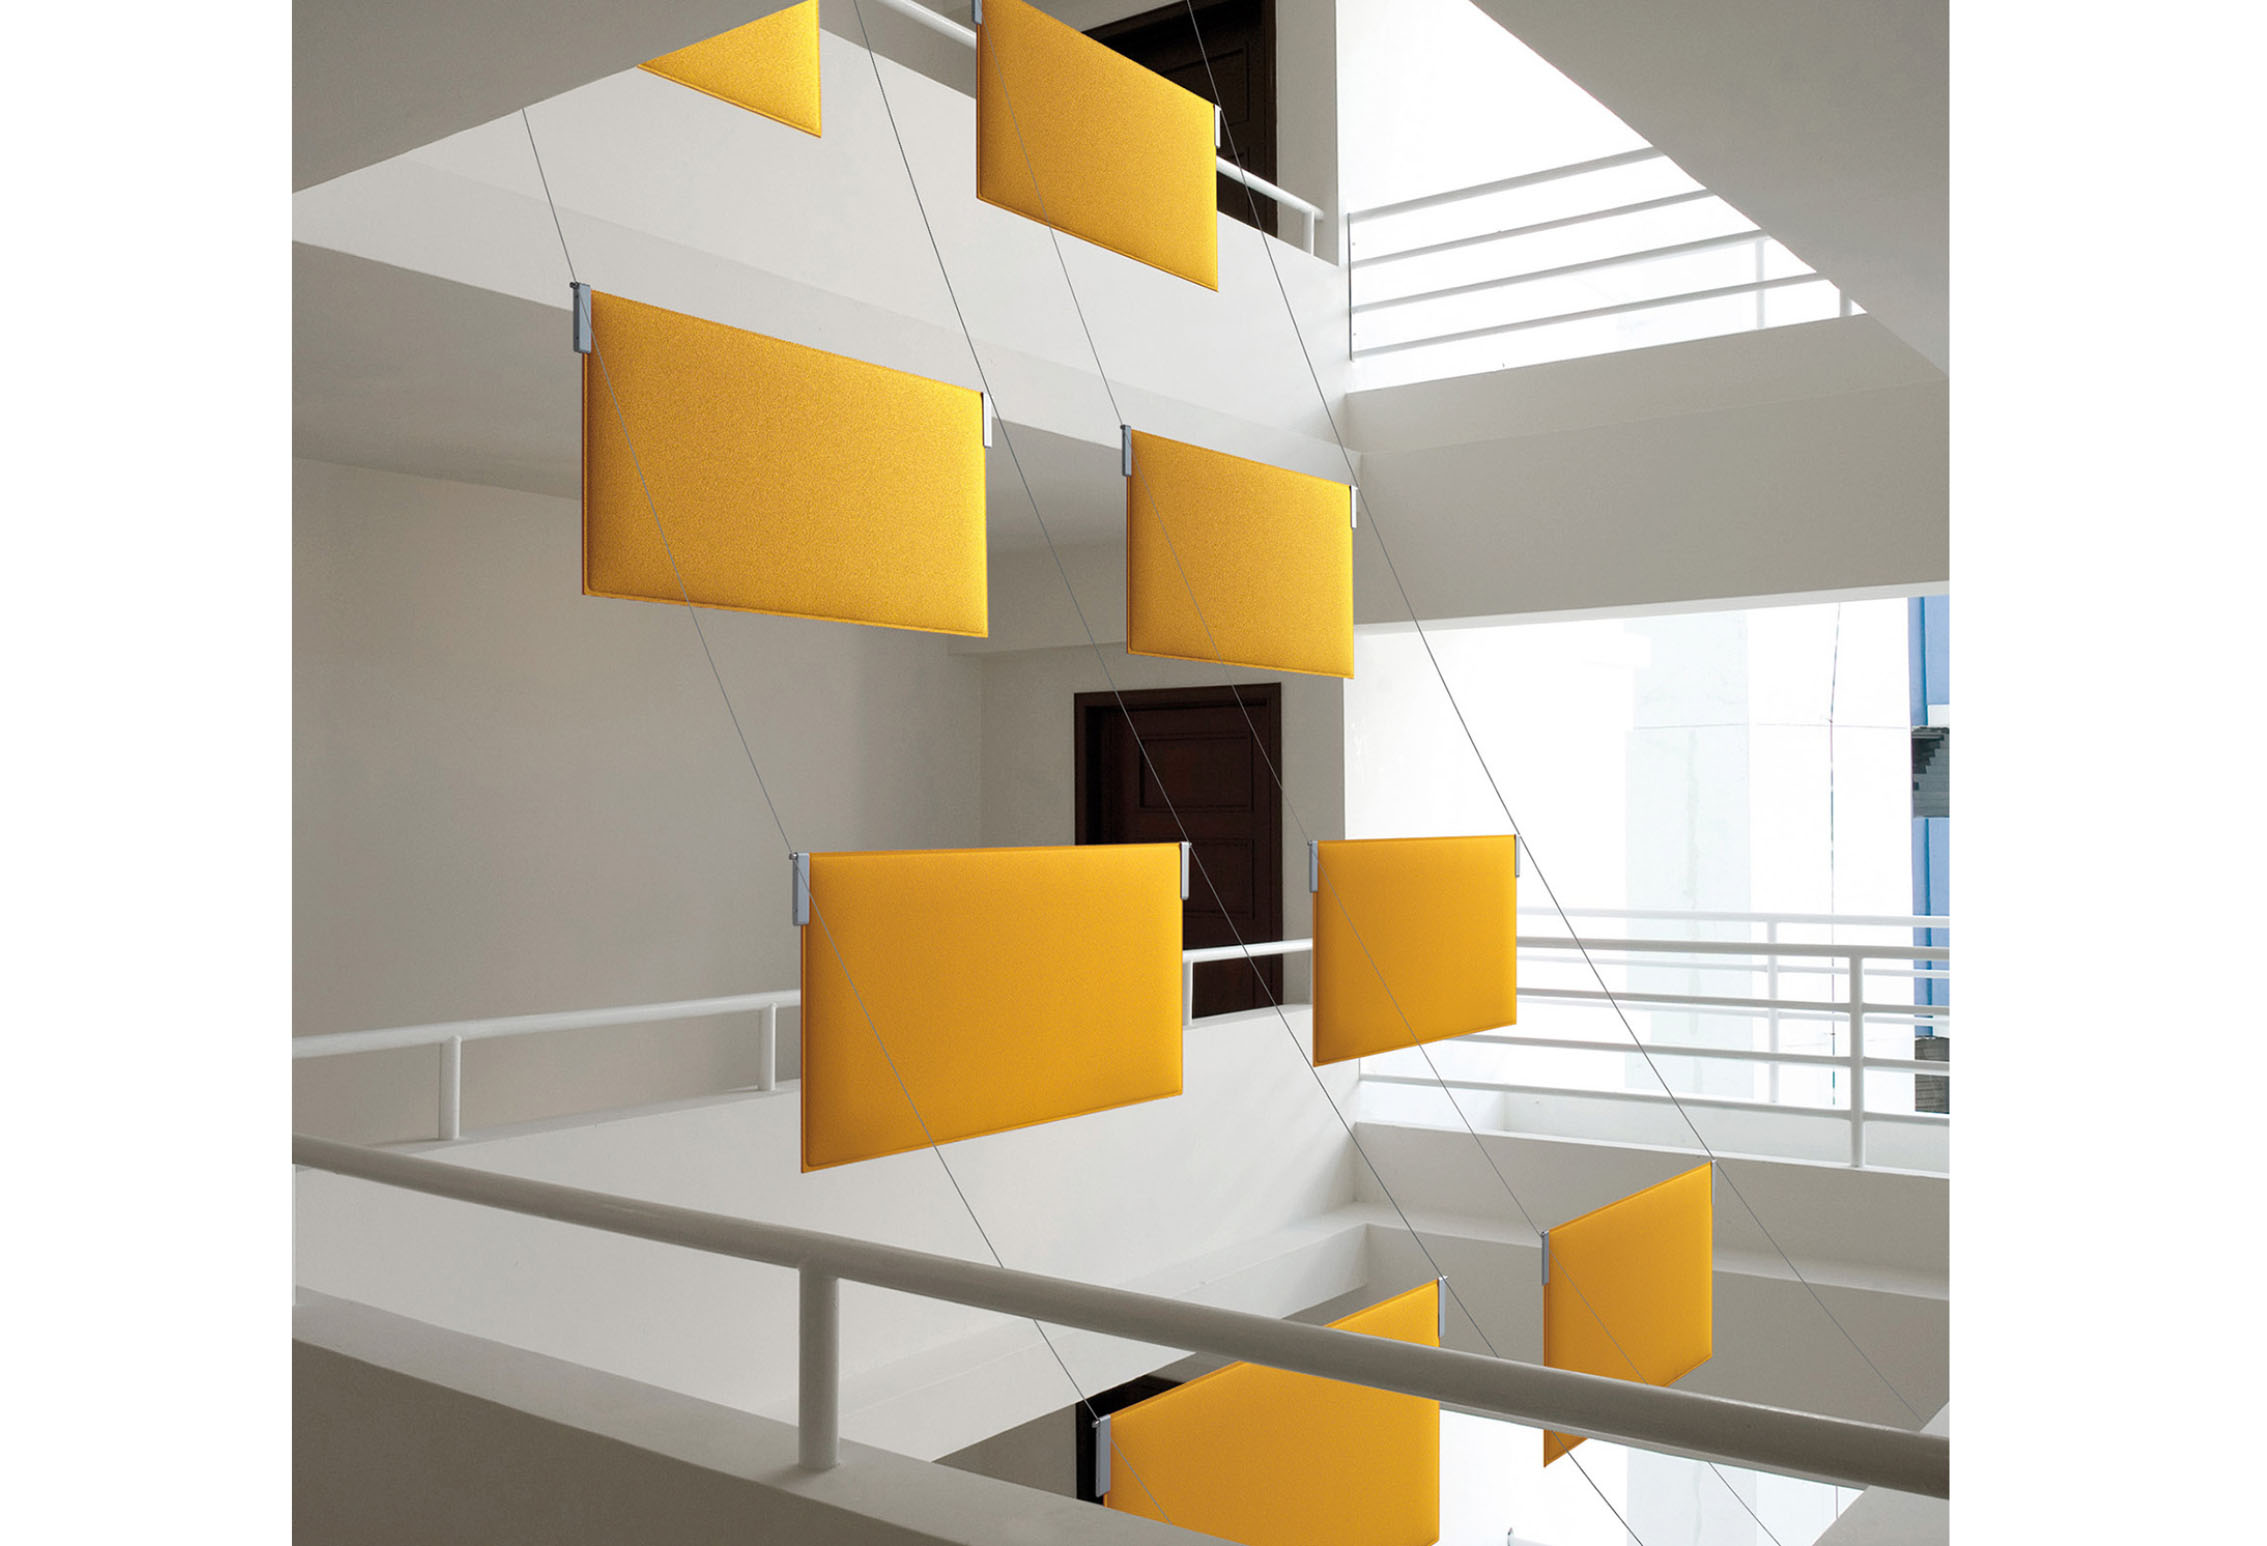 CAIMI Caimi Tra Ceiling - Gamme de panneaux acoustiques plafond